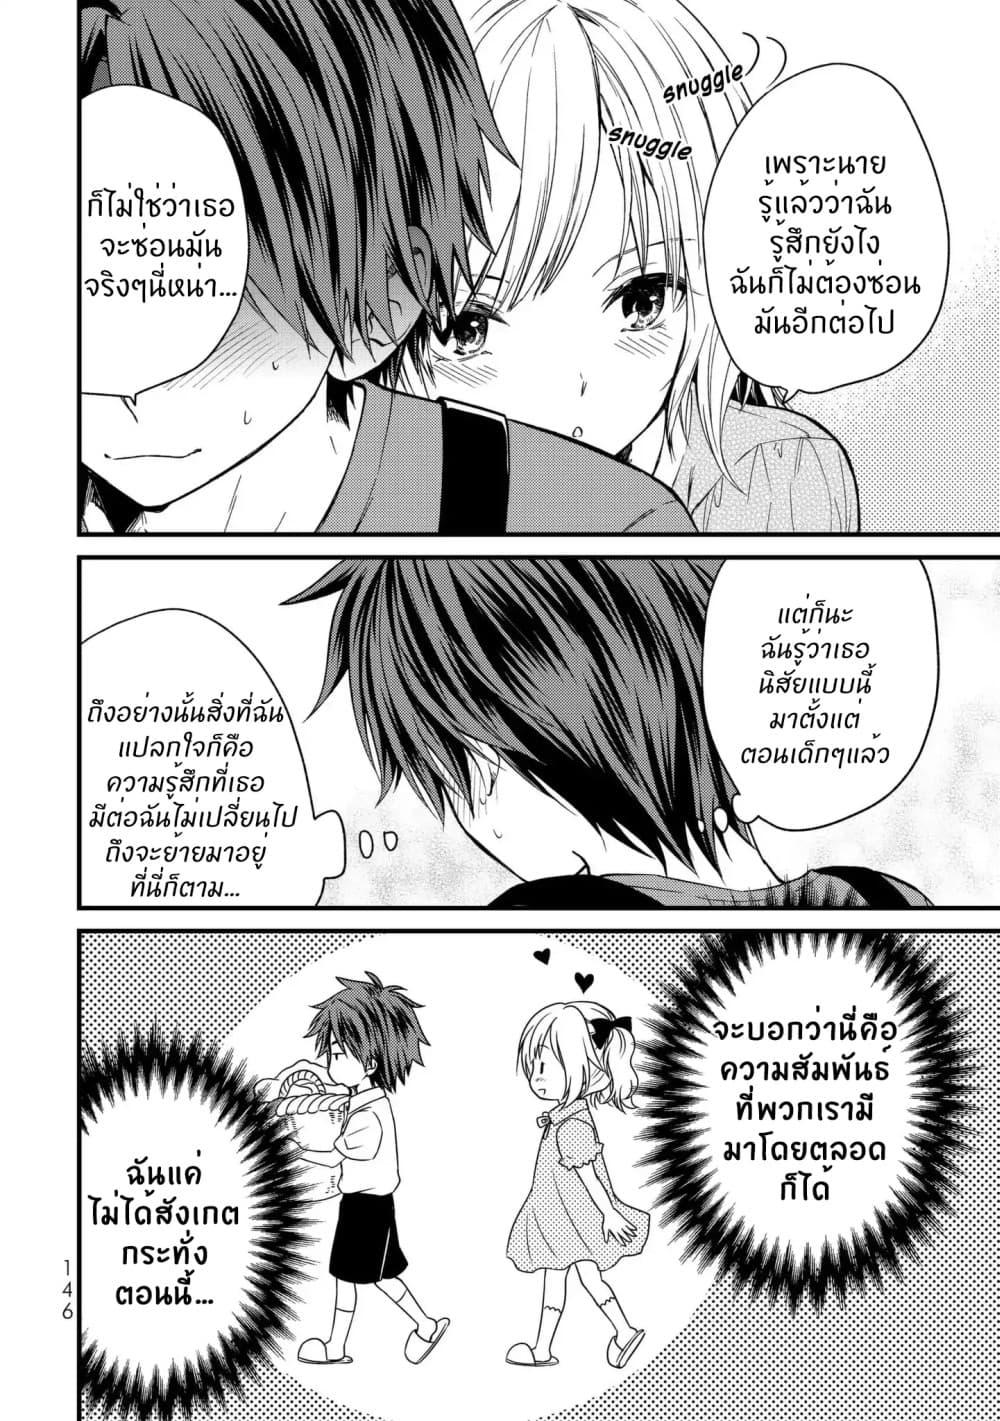 อ่านการ์ตูน Ojousama no Shimobe ตอนที่ 18 หน้าที่ 3